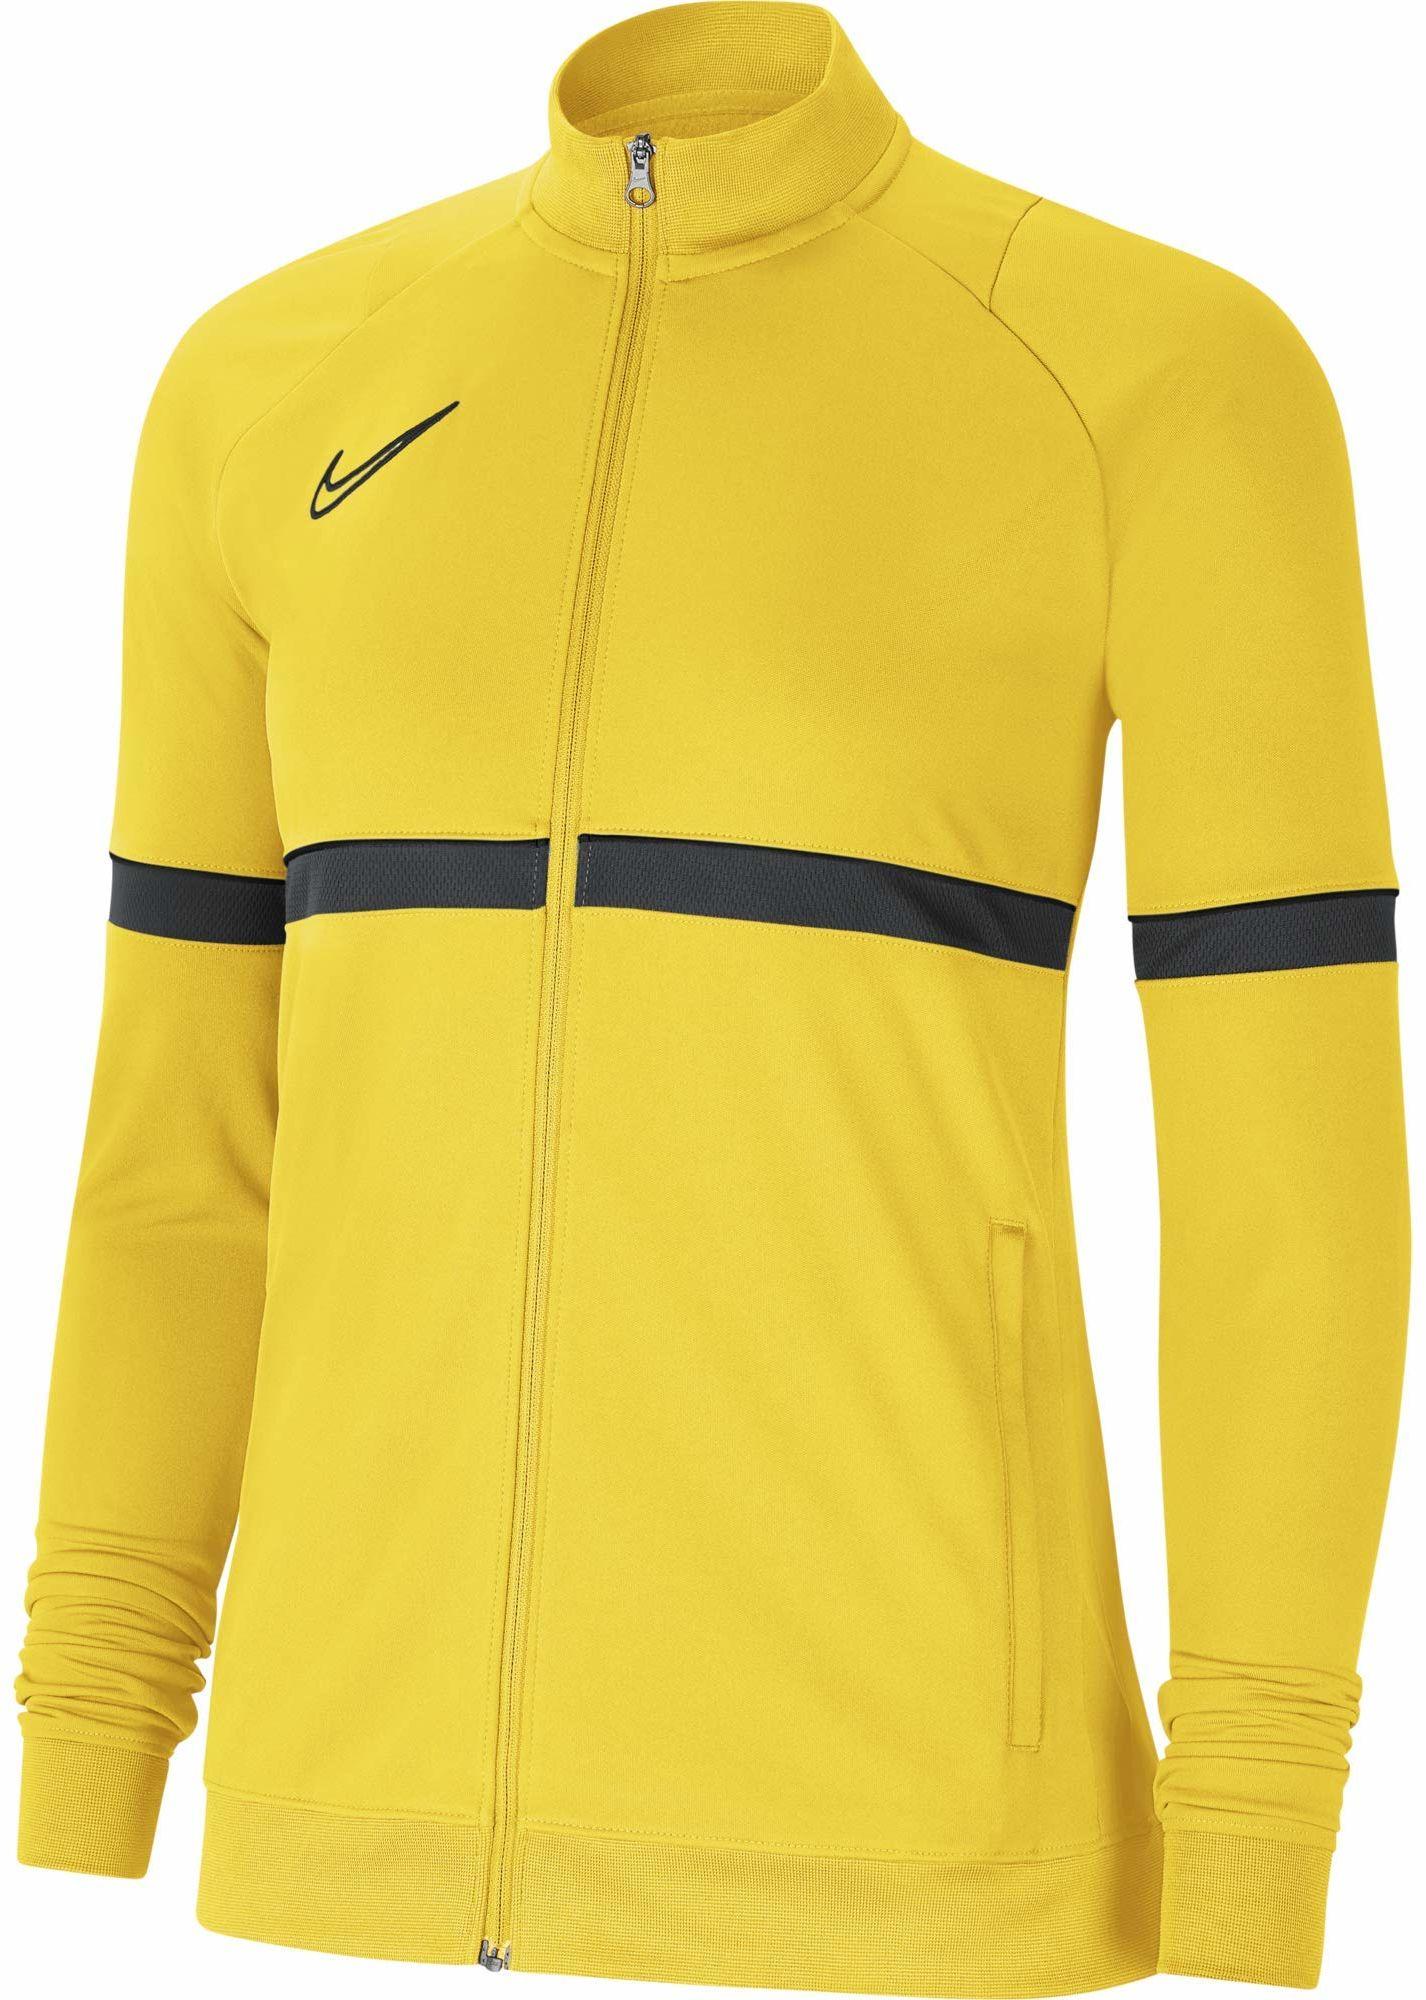 Nike Damska kurtka damska Academy 21 Track Jacket Tour żółty/czarny/antracytowy/czarny XL